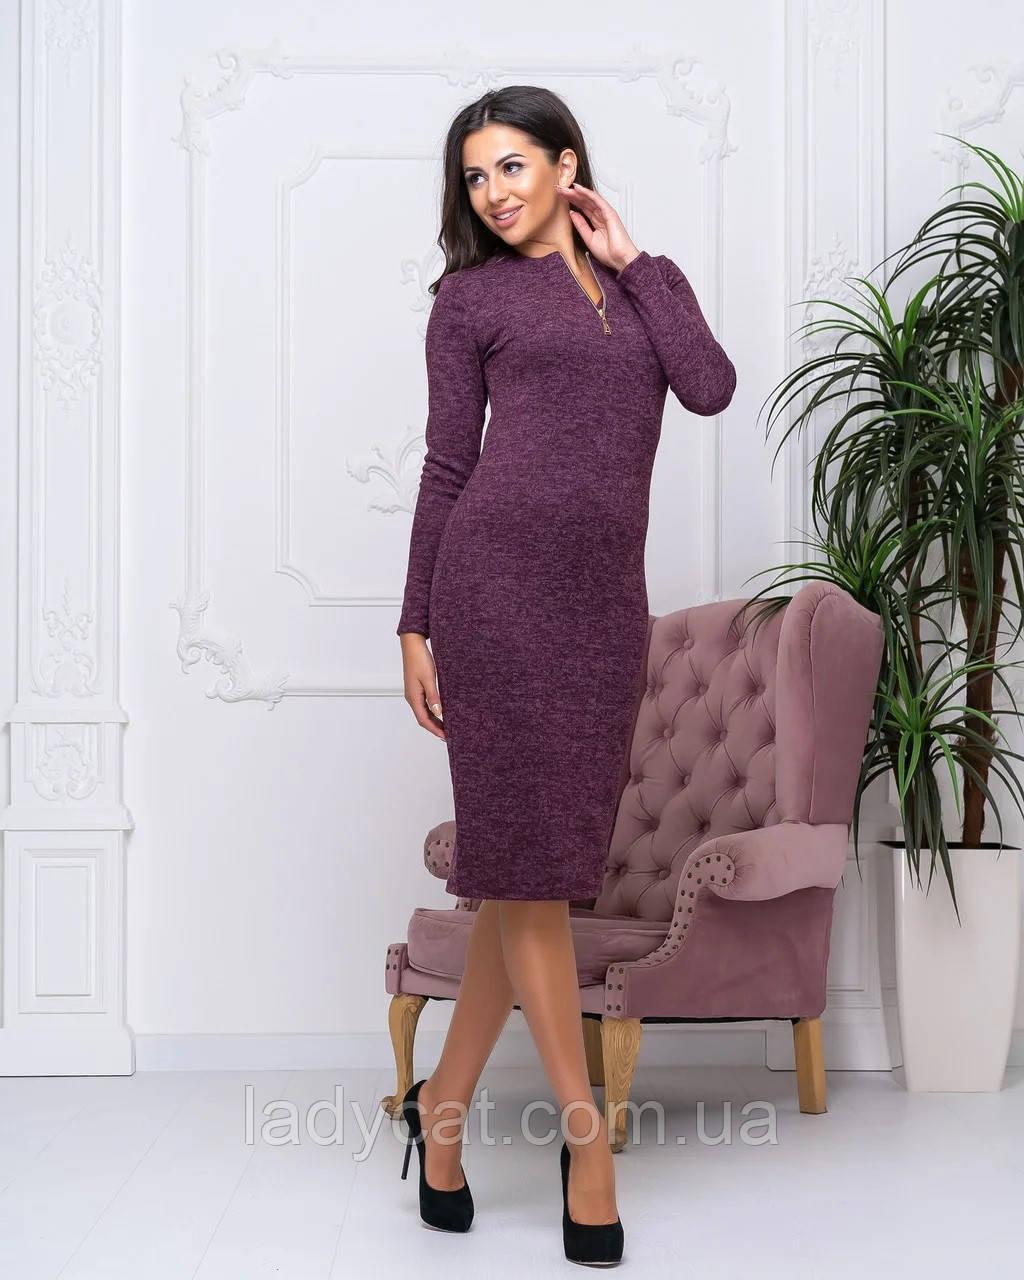 Женское теплое платье из ангоры бордового цвета